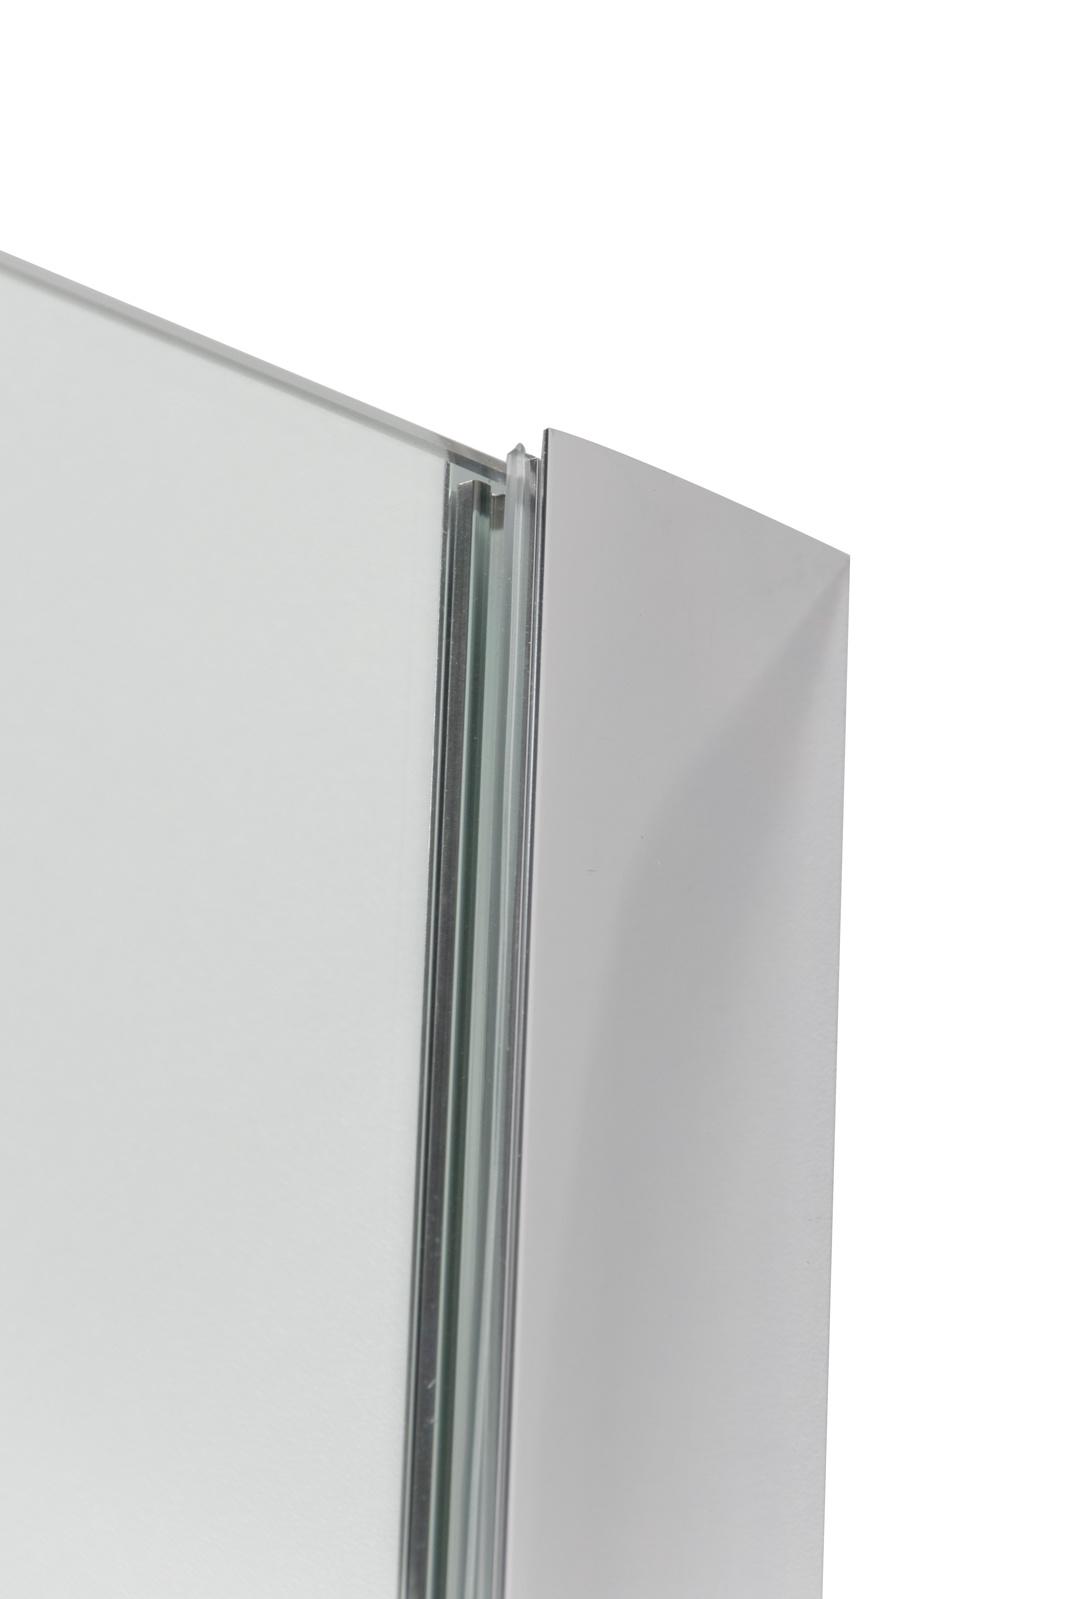 Linea Uno Begehbare Dusche Gšteborg 130 x 200 cm